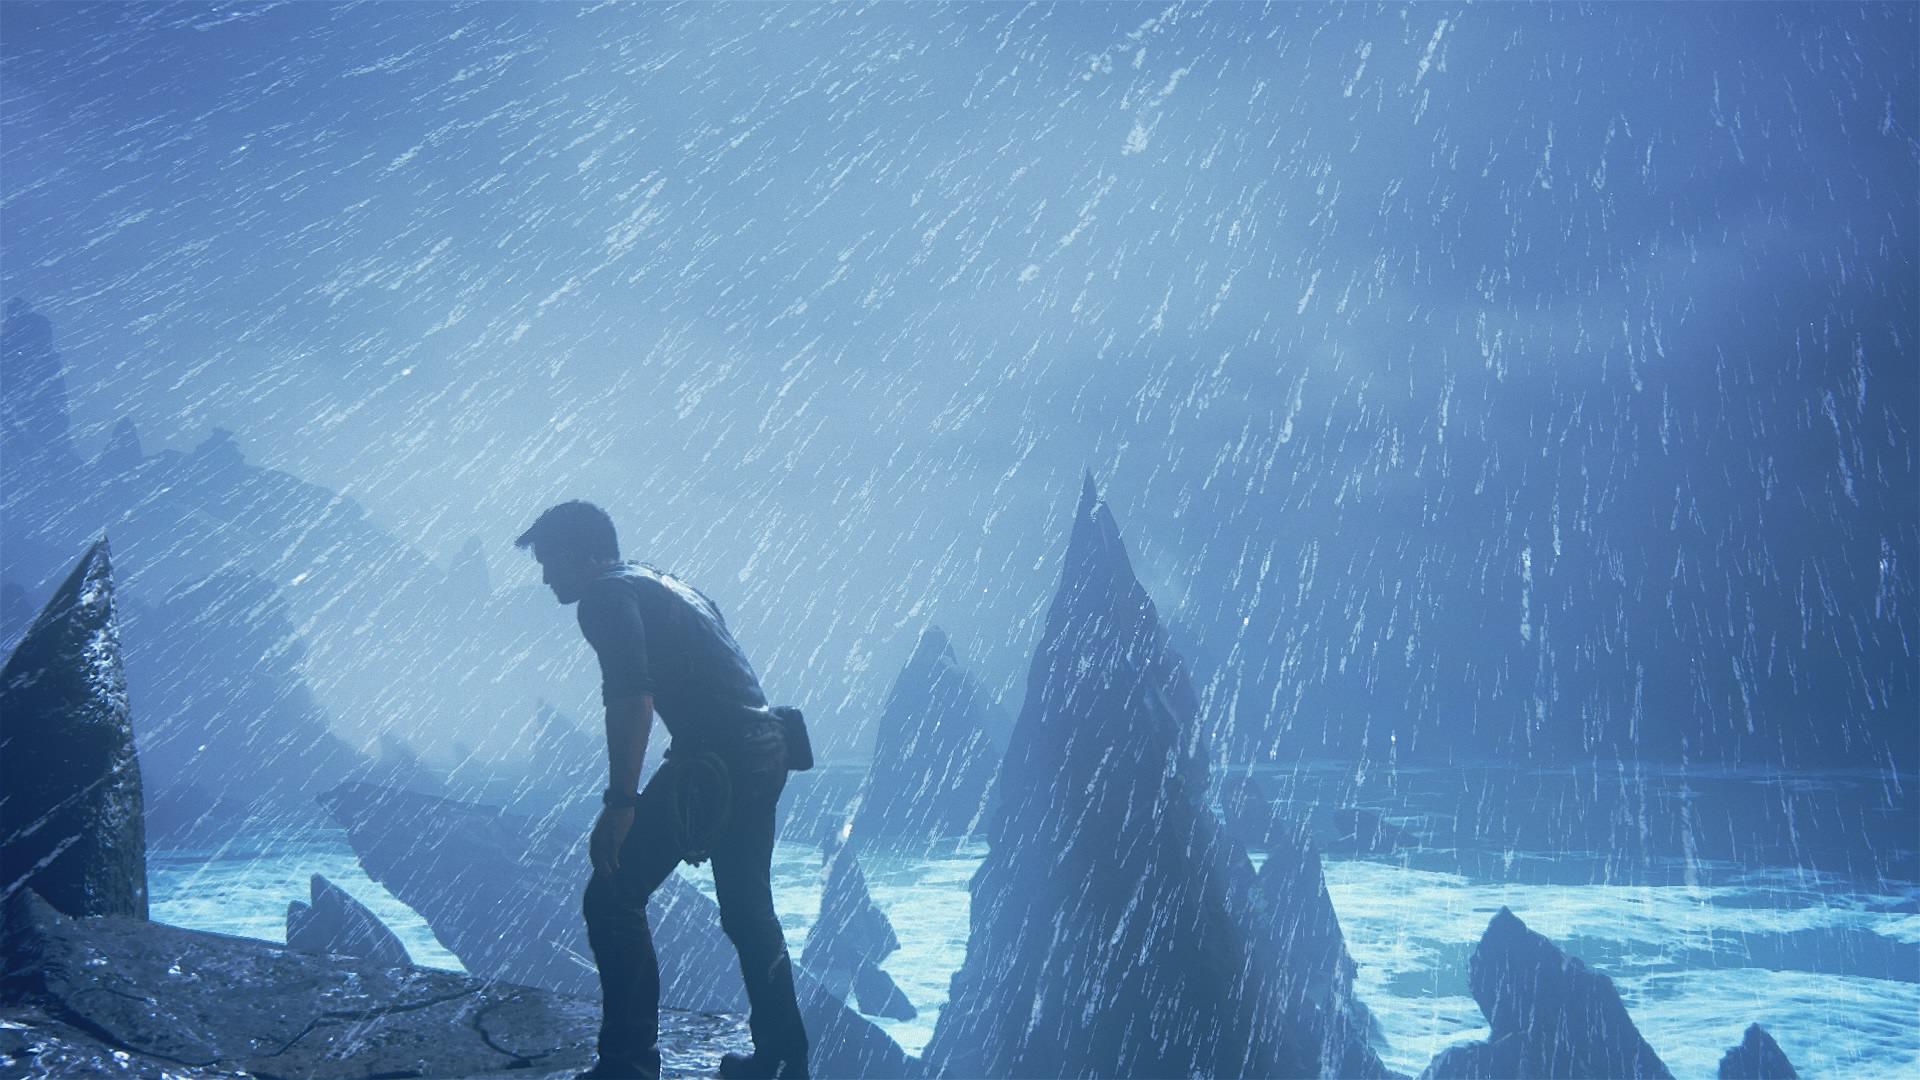 Od nienawiści do miłości, czyli moja przygoda z Uncharted